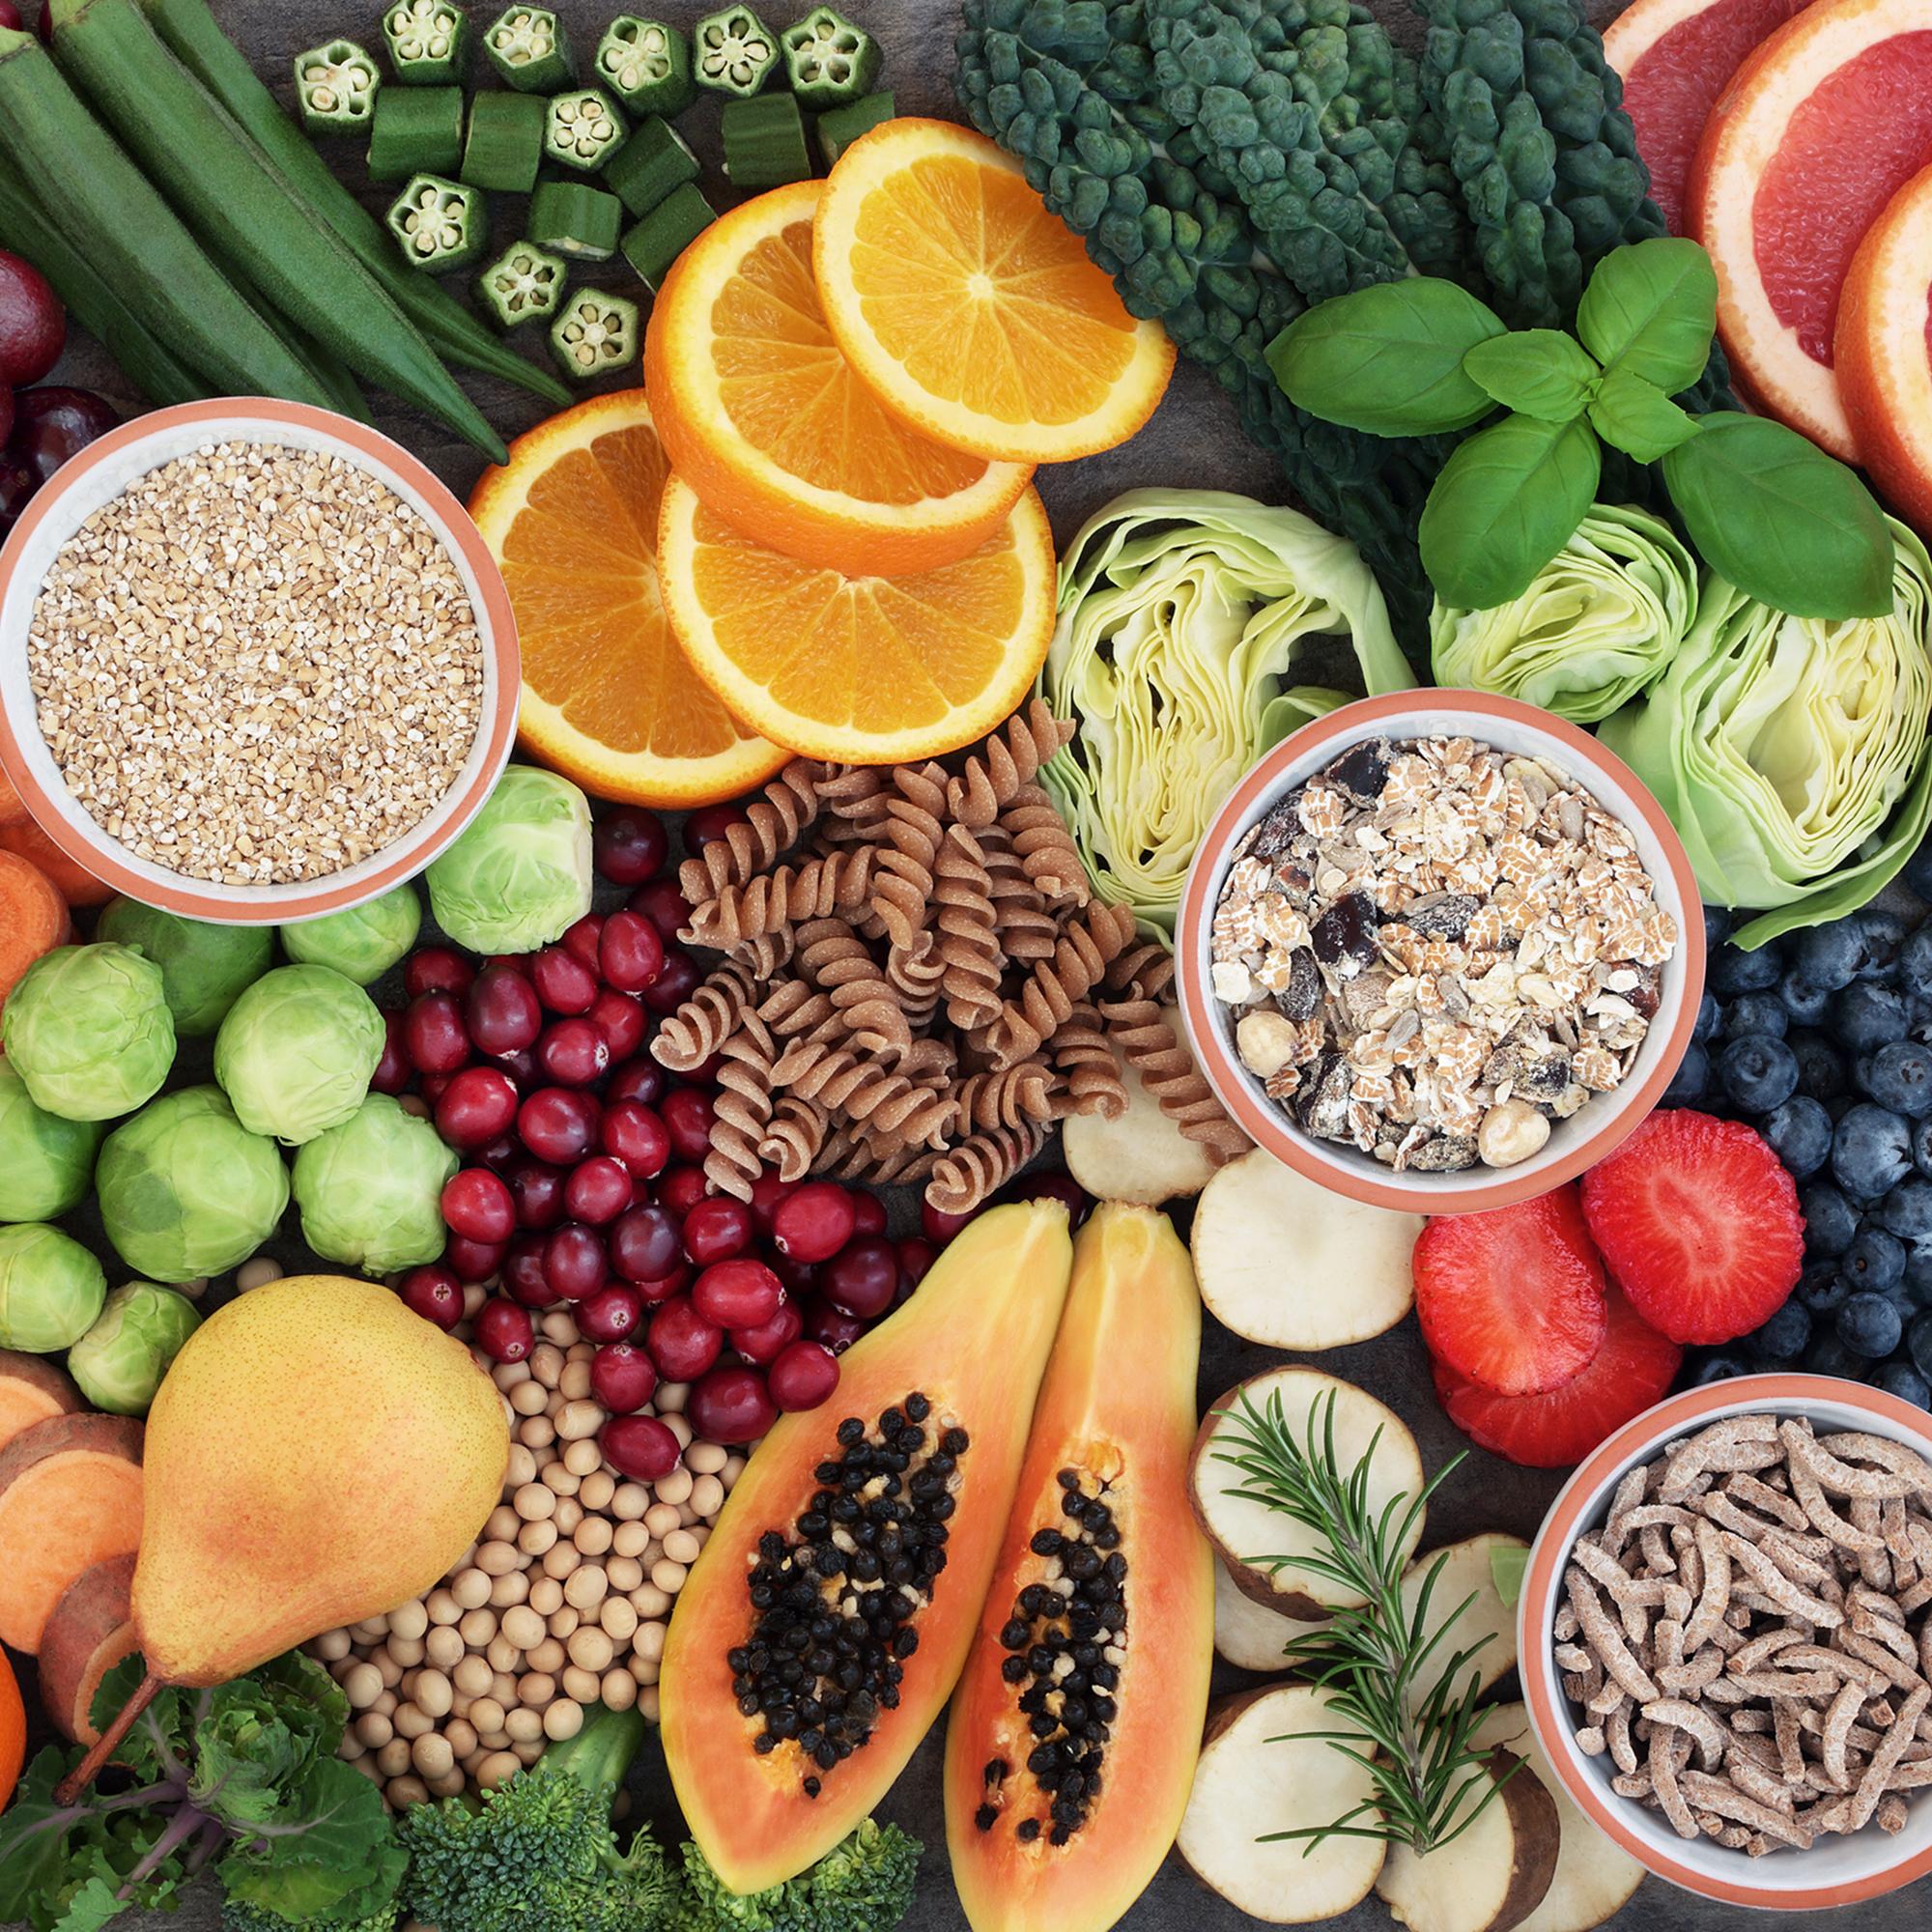 Φυτικές Ίνες Οφέλη: Ένας τραγανός σύμμαχος για καλή υγεία